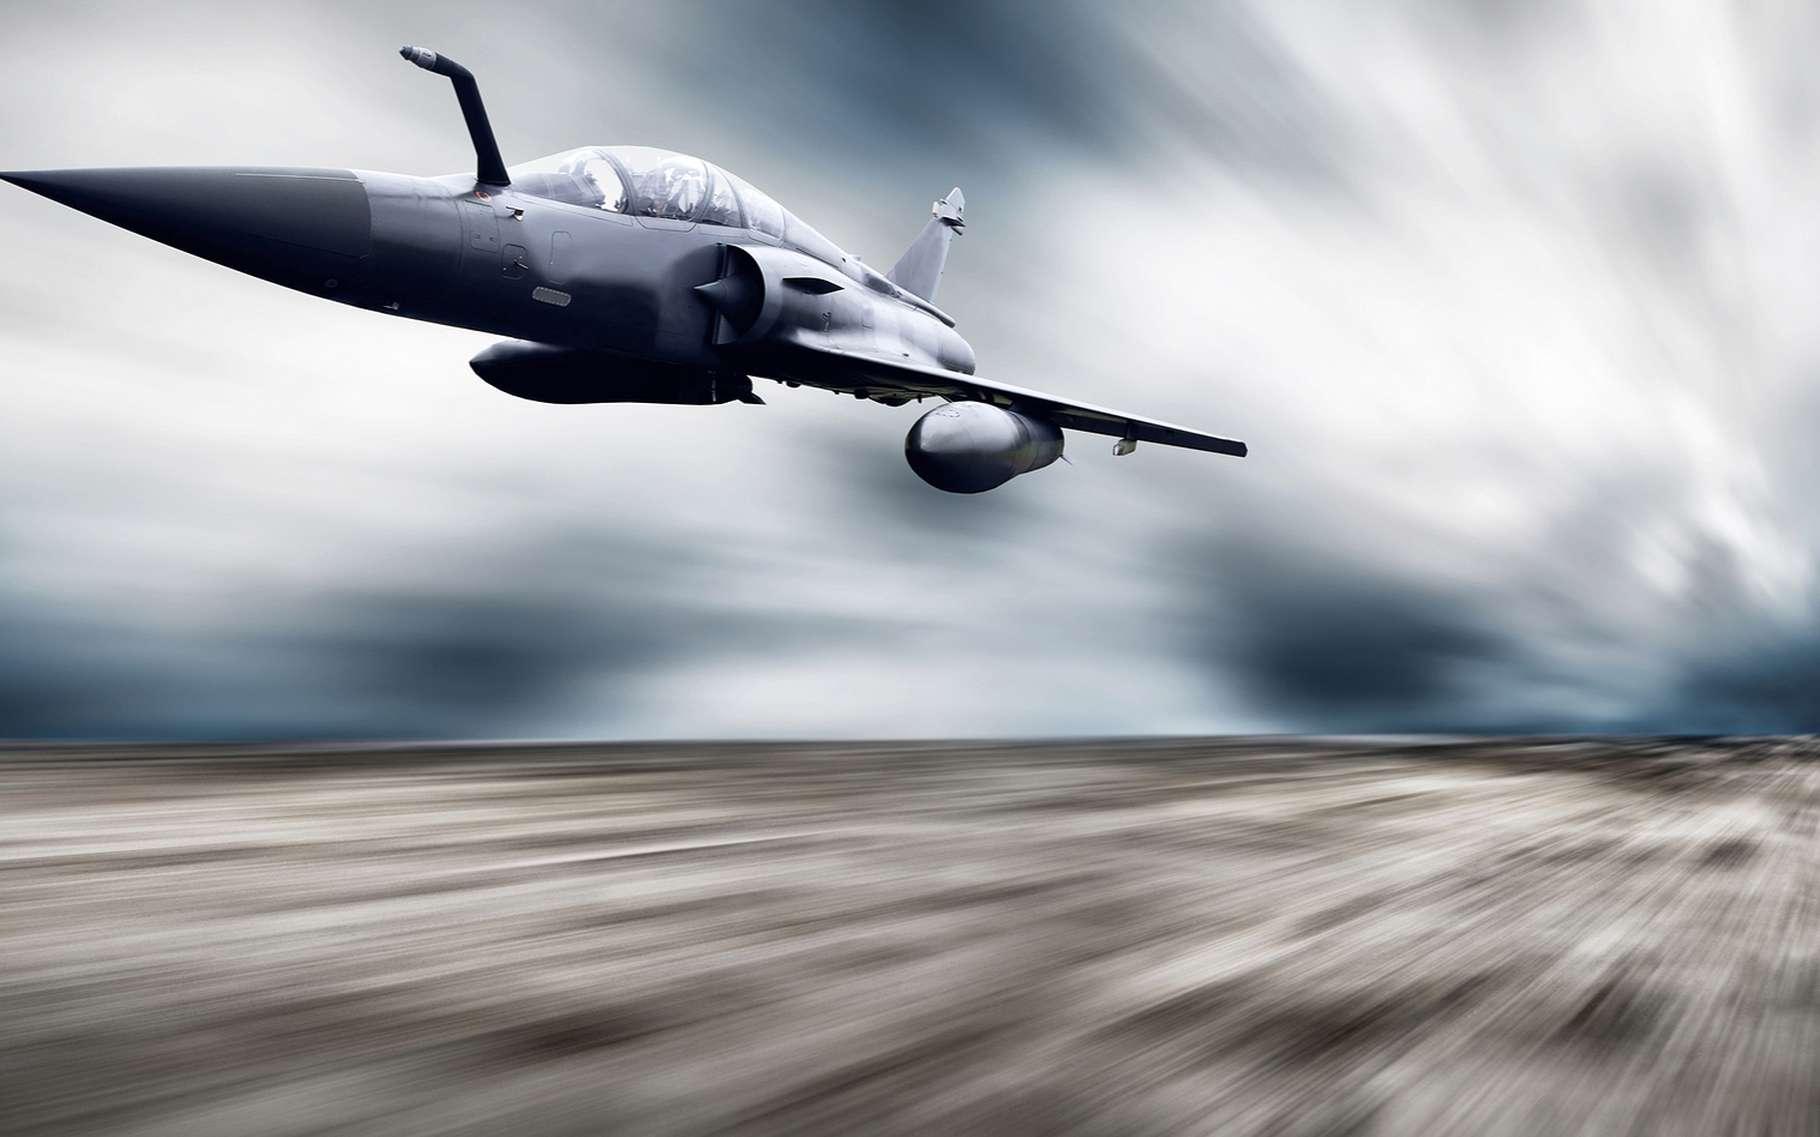 Lorsqu'un véhicule, généralement un avion de chasse, dépasse la vitesse du son dans l'air, on dit qu'il franchit le mur du son. © Andrey Yurlov, Shutterstock